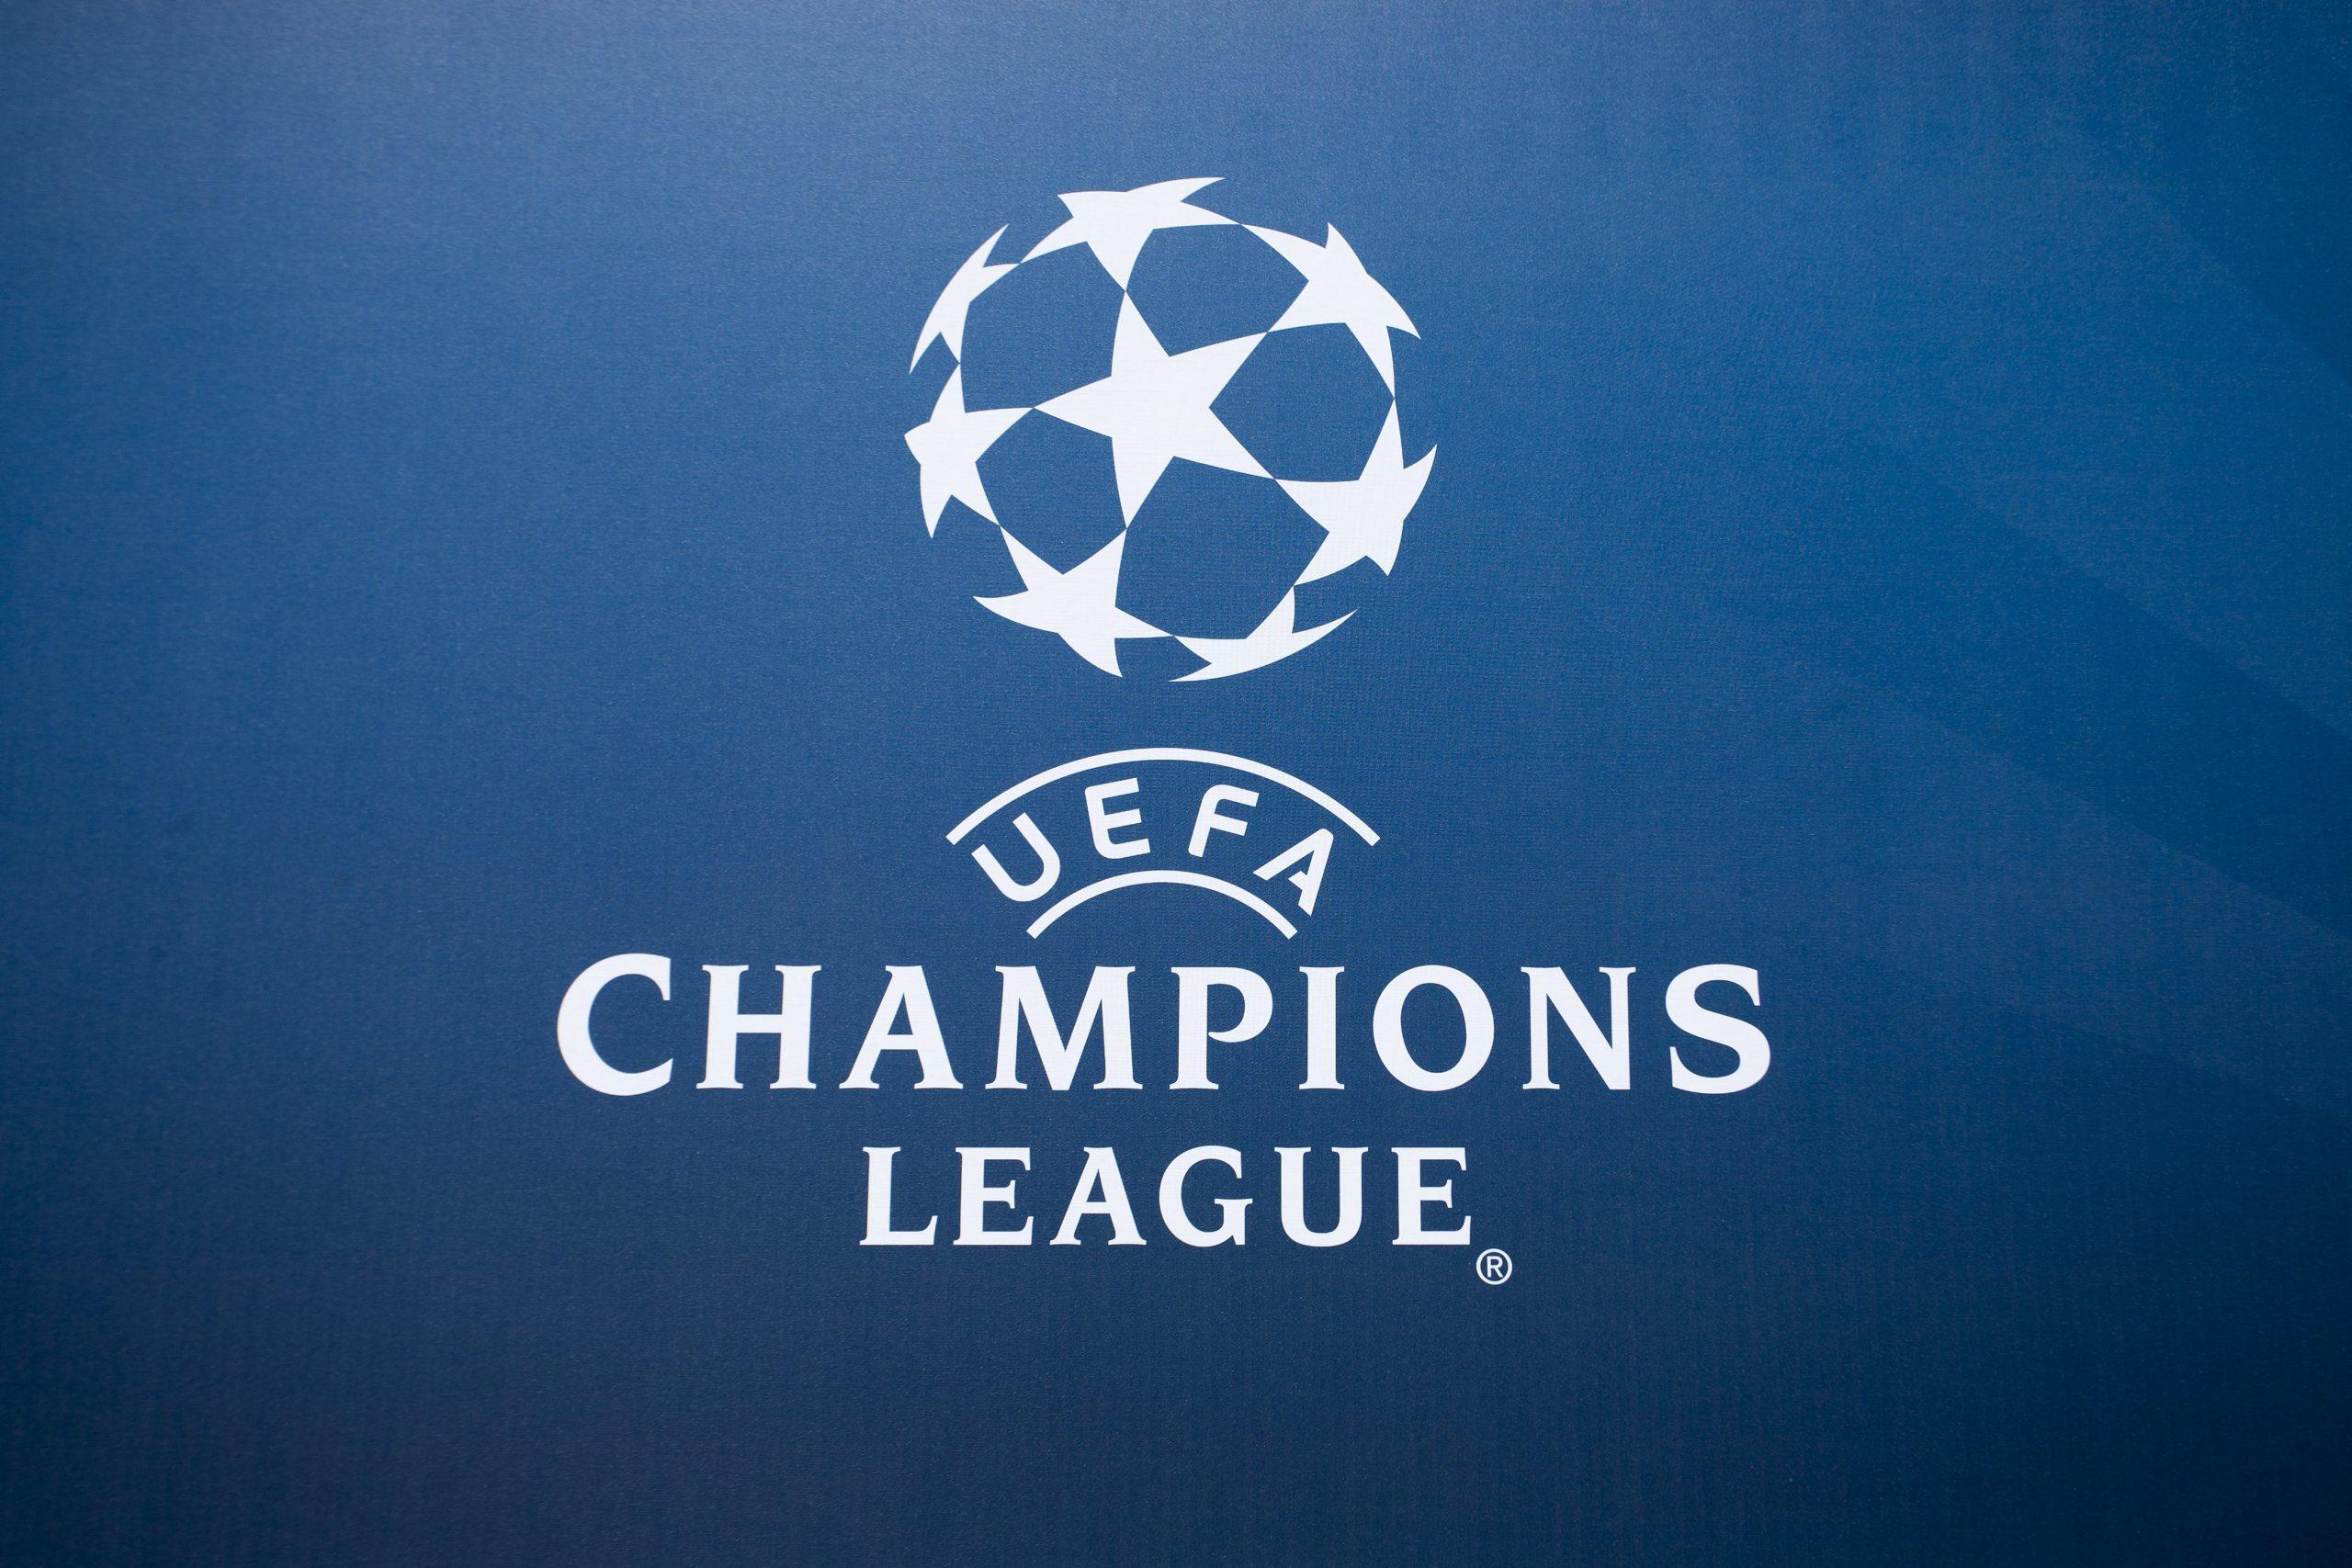 Ligue des Champions - Le tournoi final à Lisbonne du 12 au 23 août, selon AS